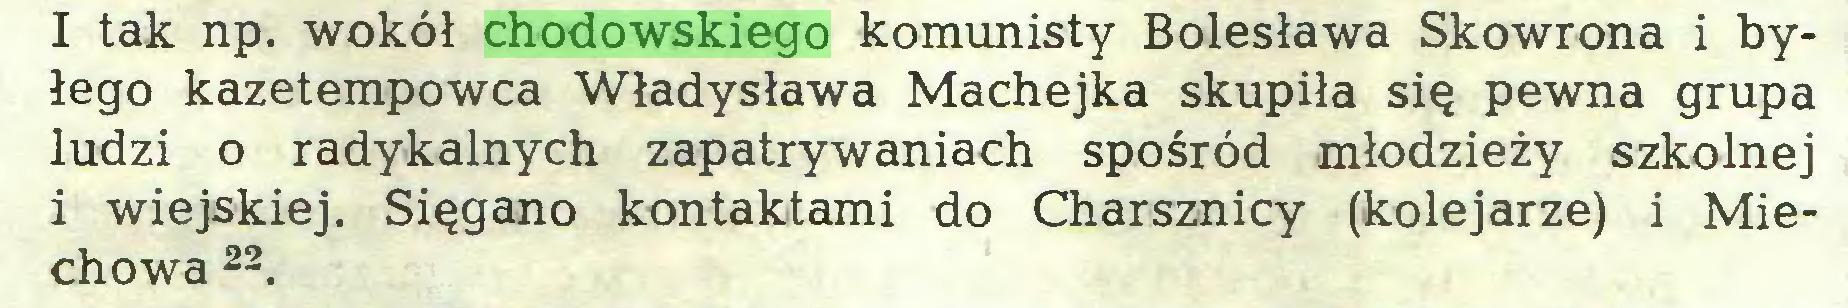 (...) I tak np. wokół chodowskiego komunisty Bolesława Skowrona i byłego kazetempowca Władysława Machejka skupiła się pewna grupa ludzi o radykalnych zapatrywaniach spośród młodzieży szkolnej i wiejskiej. Sięgano kontaktami do Charsznicy (kolejarze) i Miechowa 22...